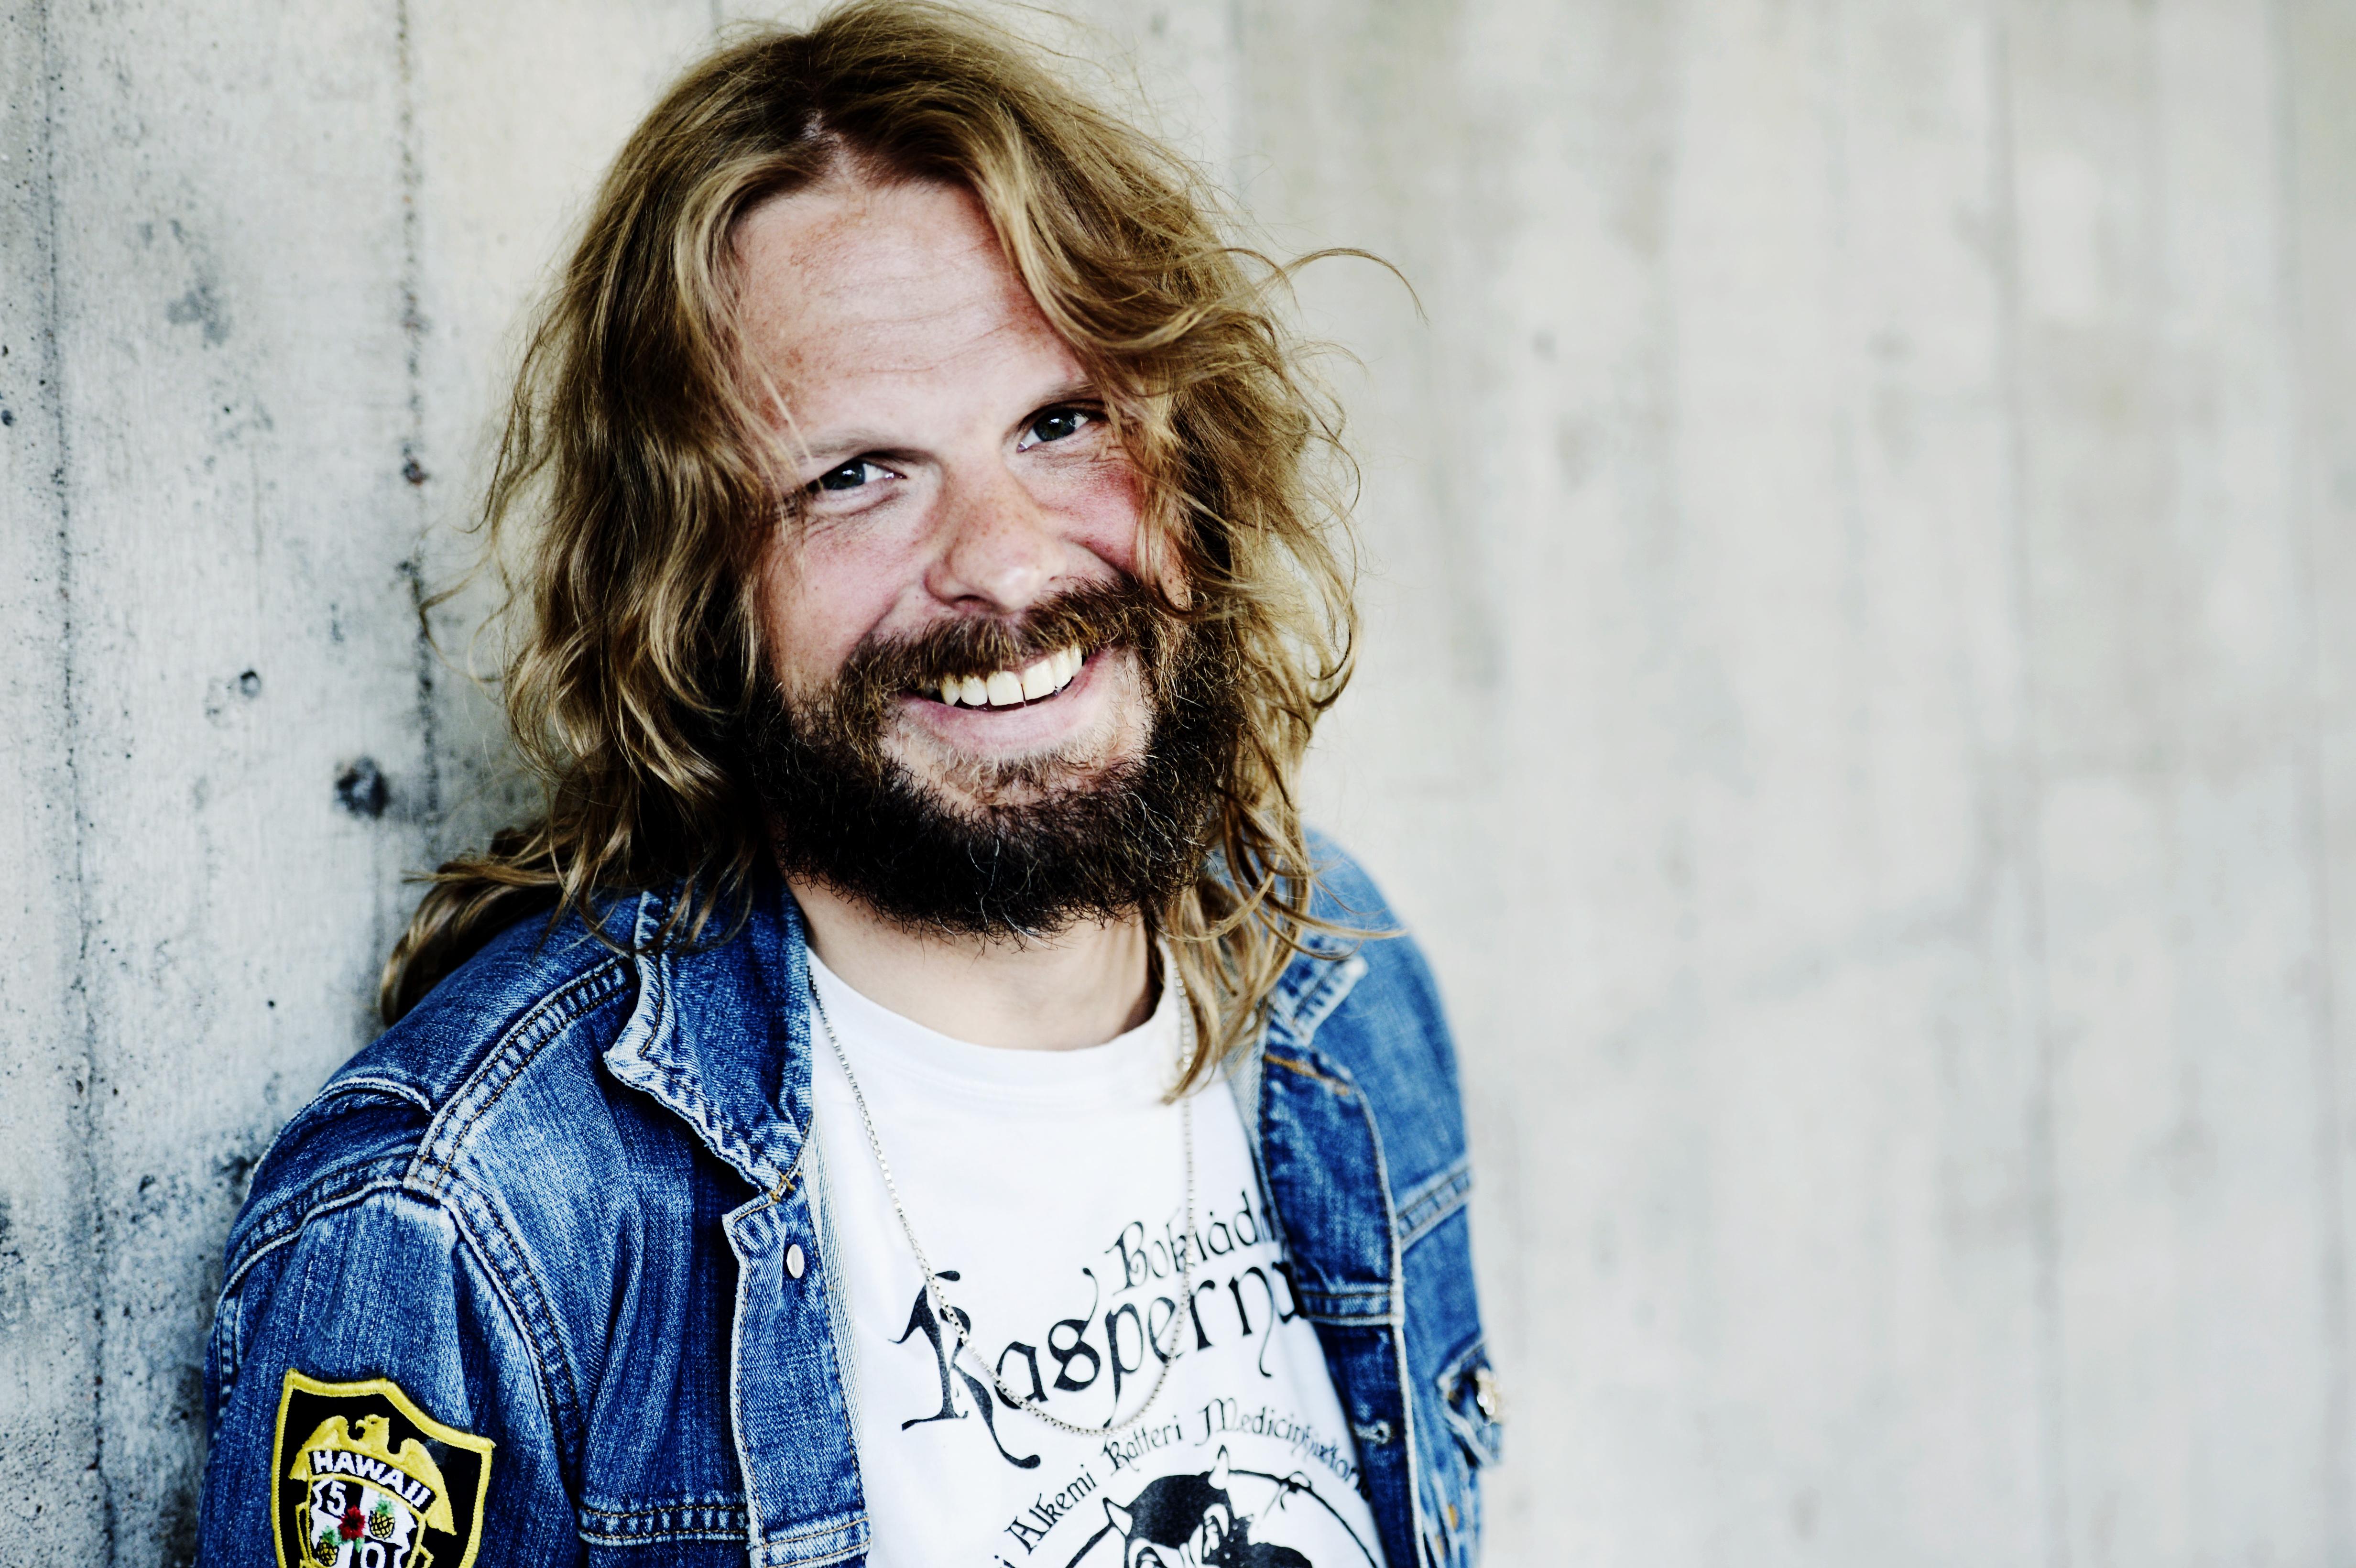 """Robert """"Strängen"""" Dahlqvist gick bort i vintras efter ett epilepsianfall. Nu släpps en av hans sista inspelningar. Foto: Carolina Byrmo"""